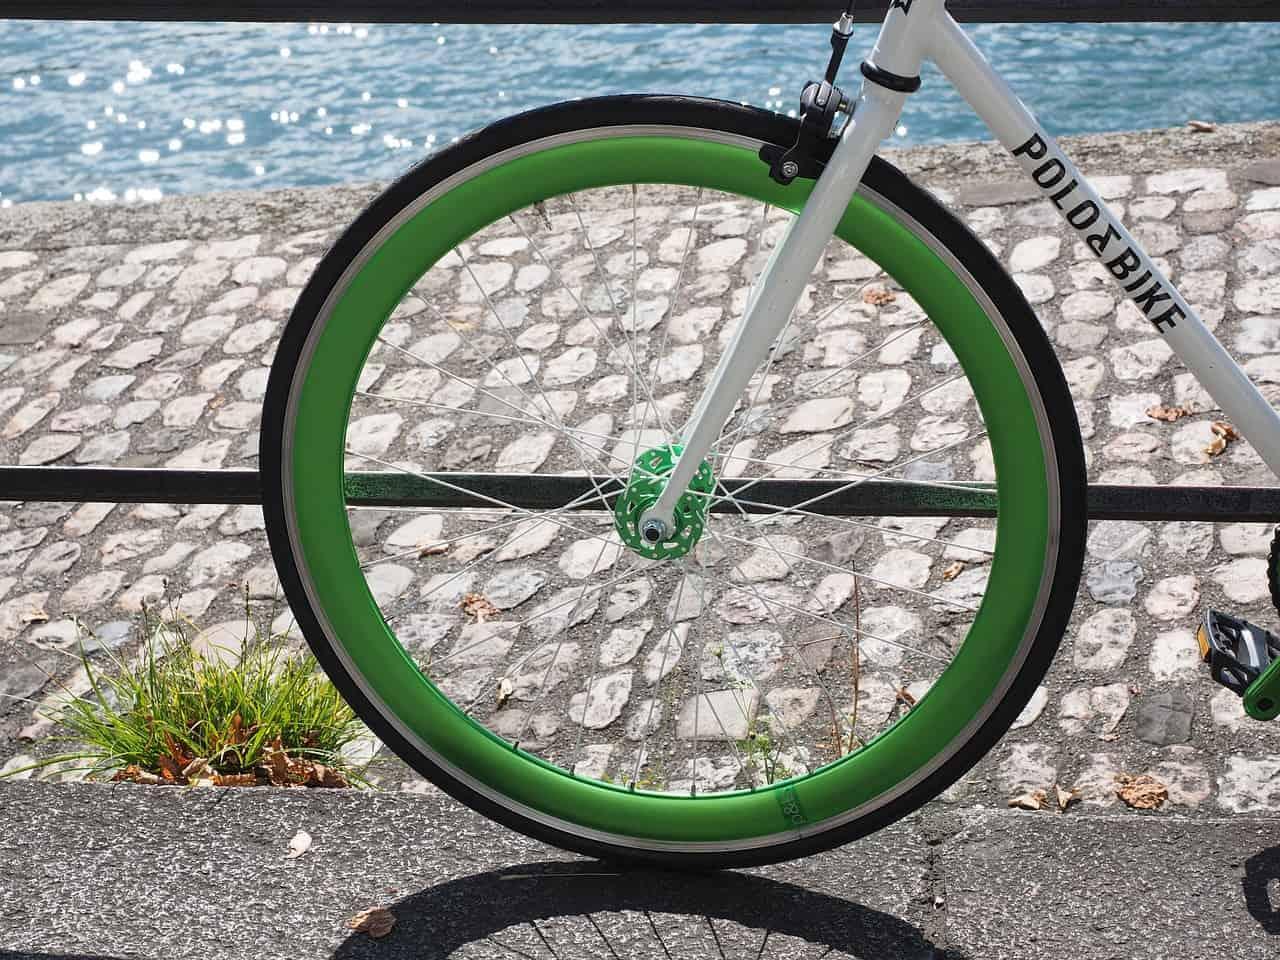 how to Fix a Bent Bike Rim